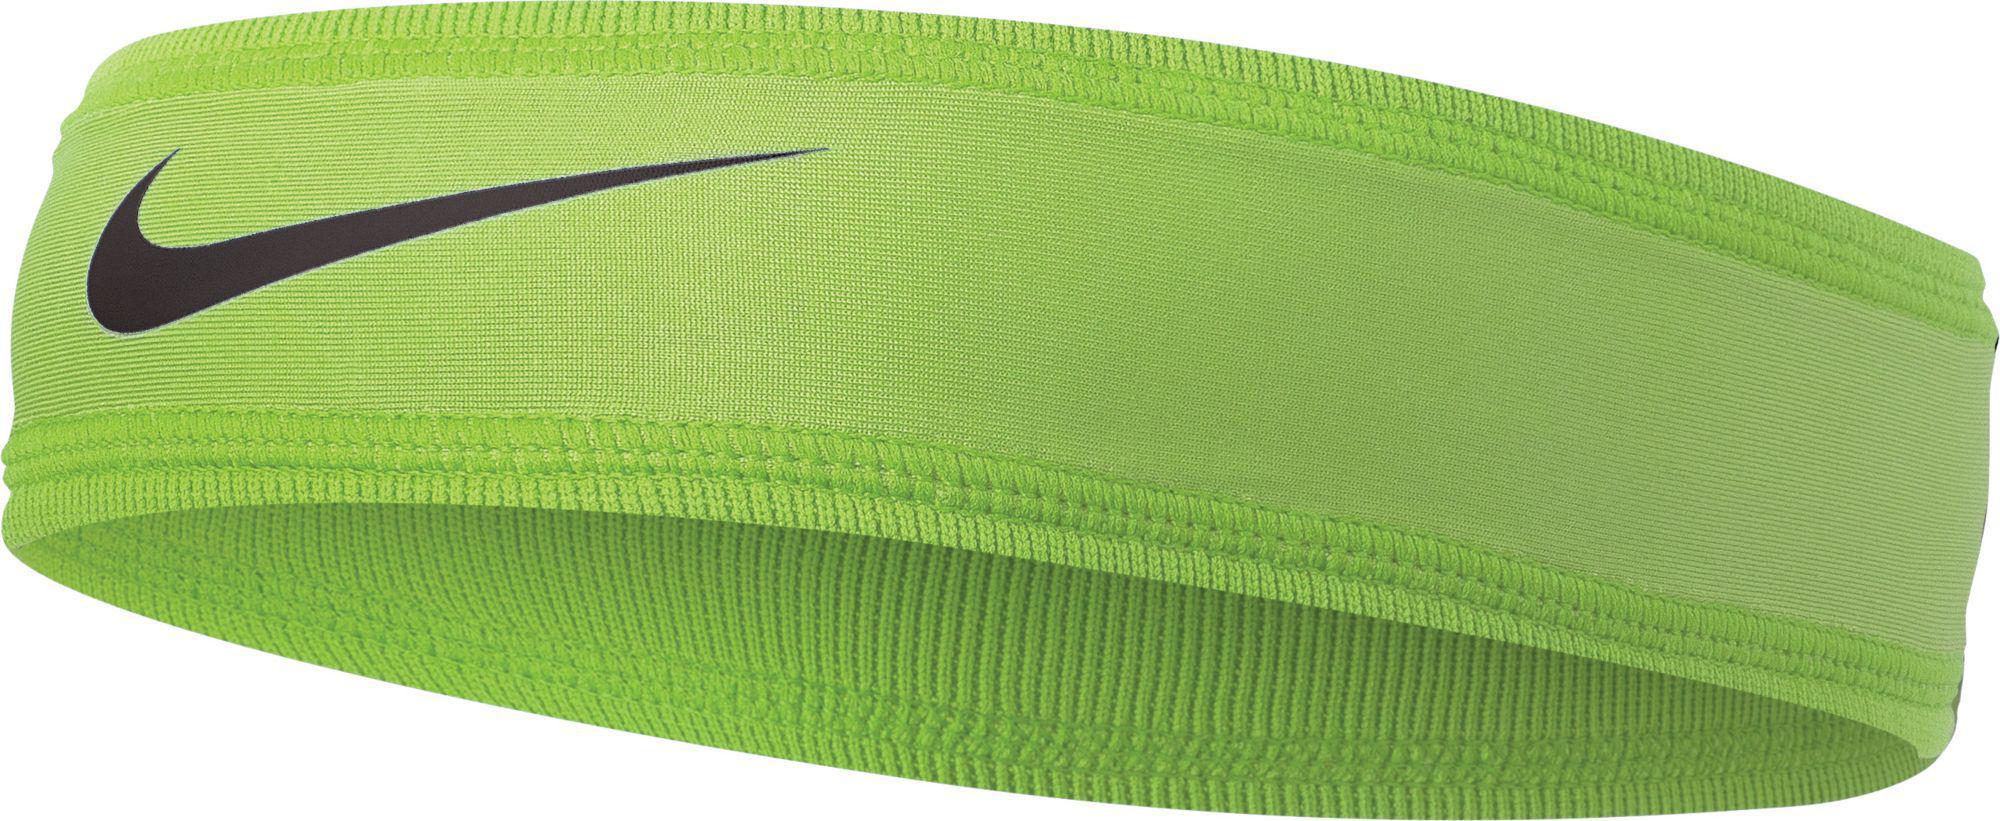 Lyst - Nike Speed Performance Headband - 2